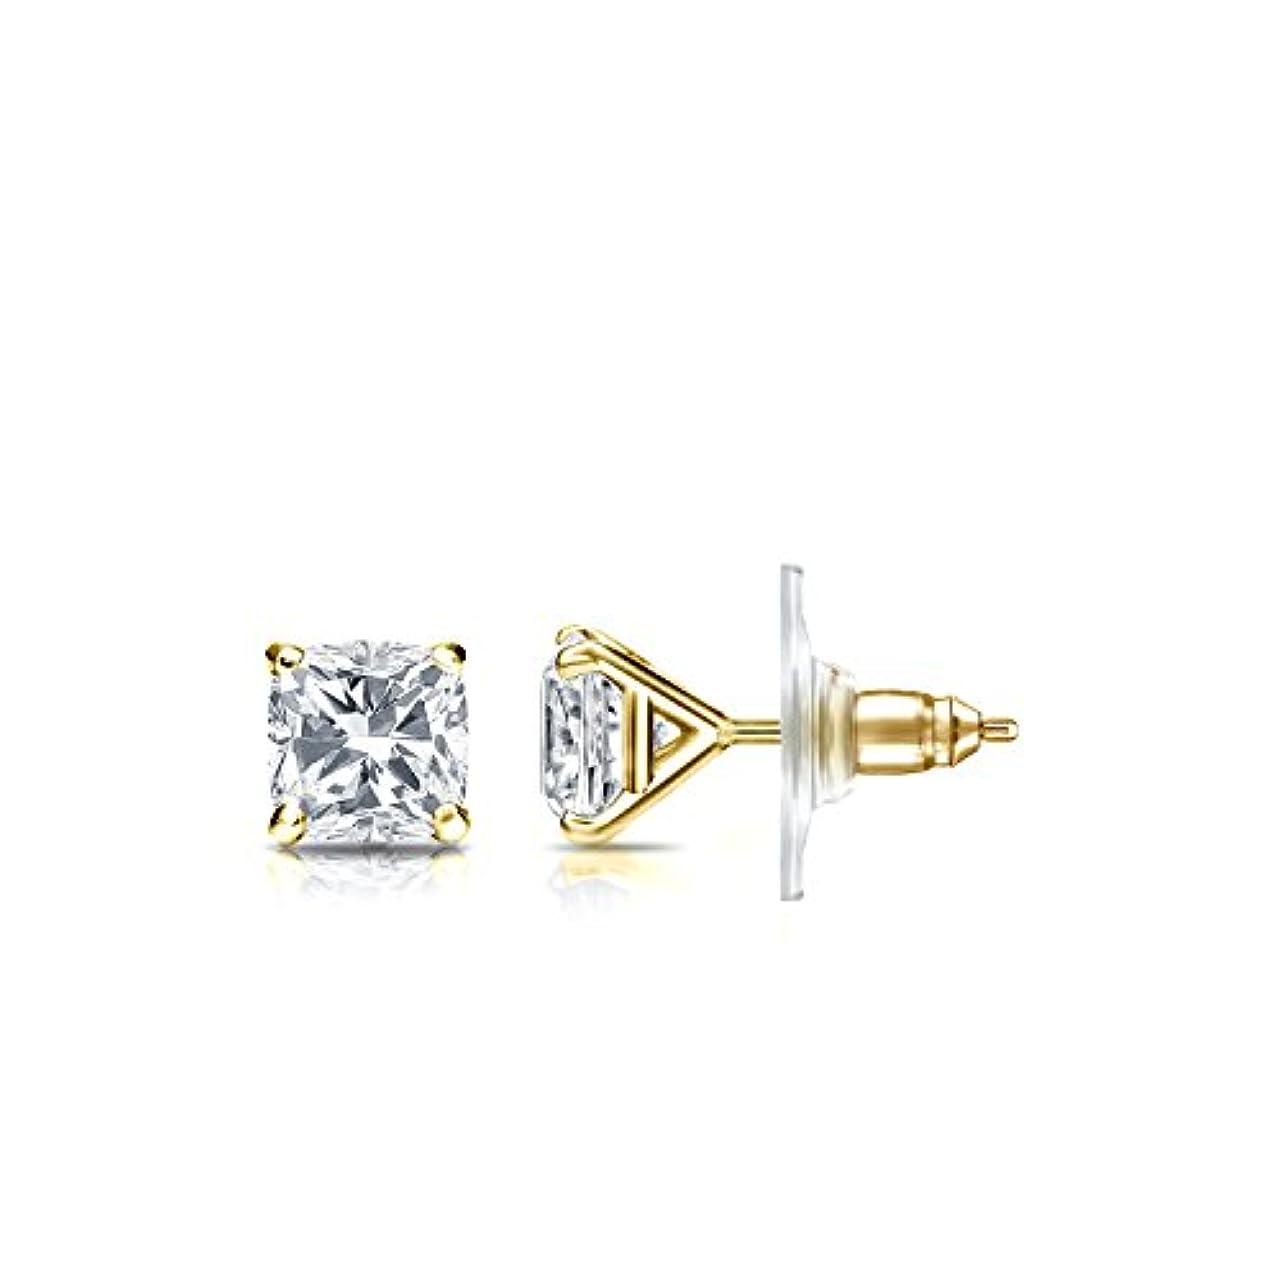 無力の慈悲でジェームズダイソン14 Kゴールド4プロングMartiniクッションダイヤモンドメンズスタッドイヤリング( 1 / 2 – 2 ct、ホワイト、si2安全ロックバックディスク